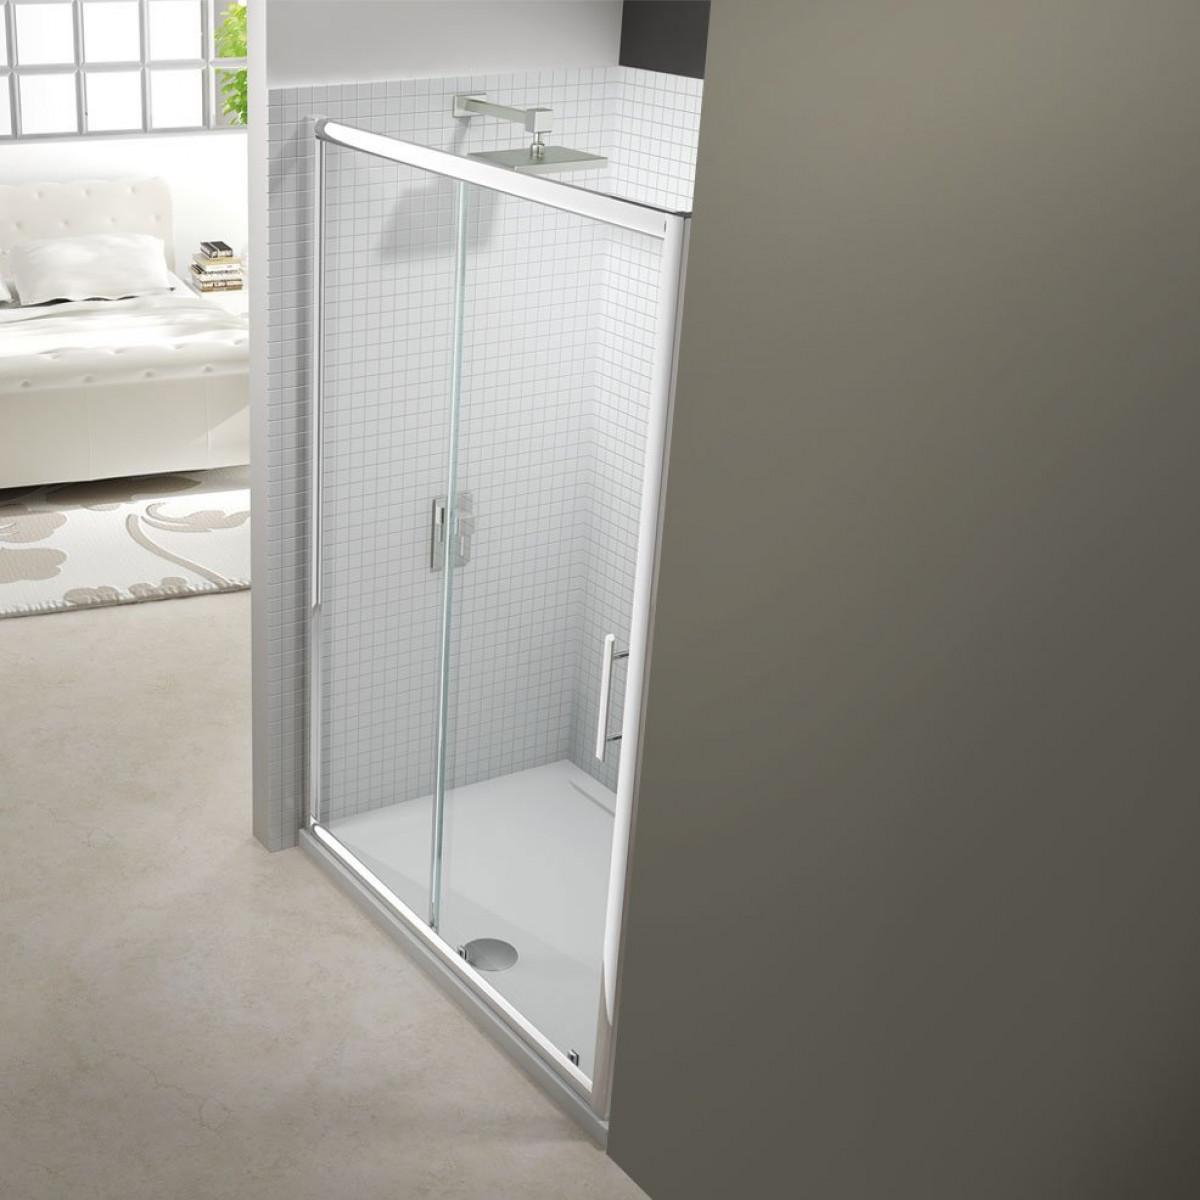 Merlyn 6 series 1400mm sliding shower door for 1400mm sliding shower door